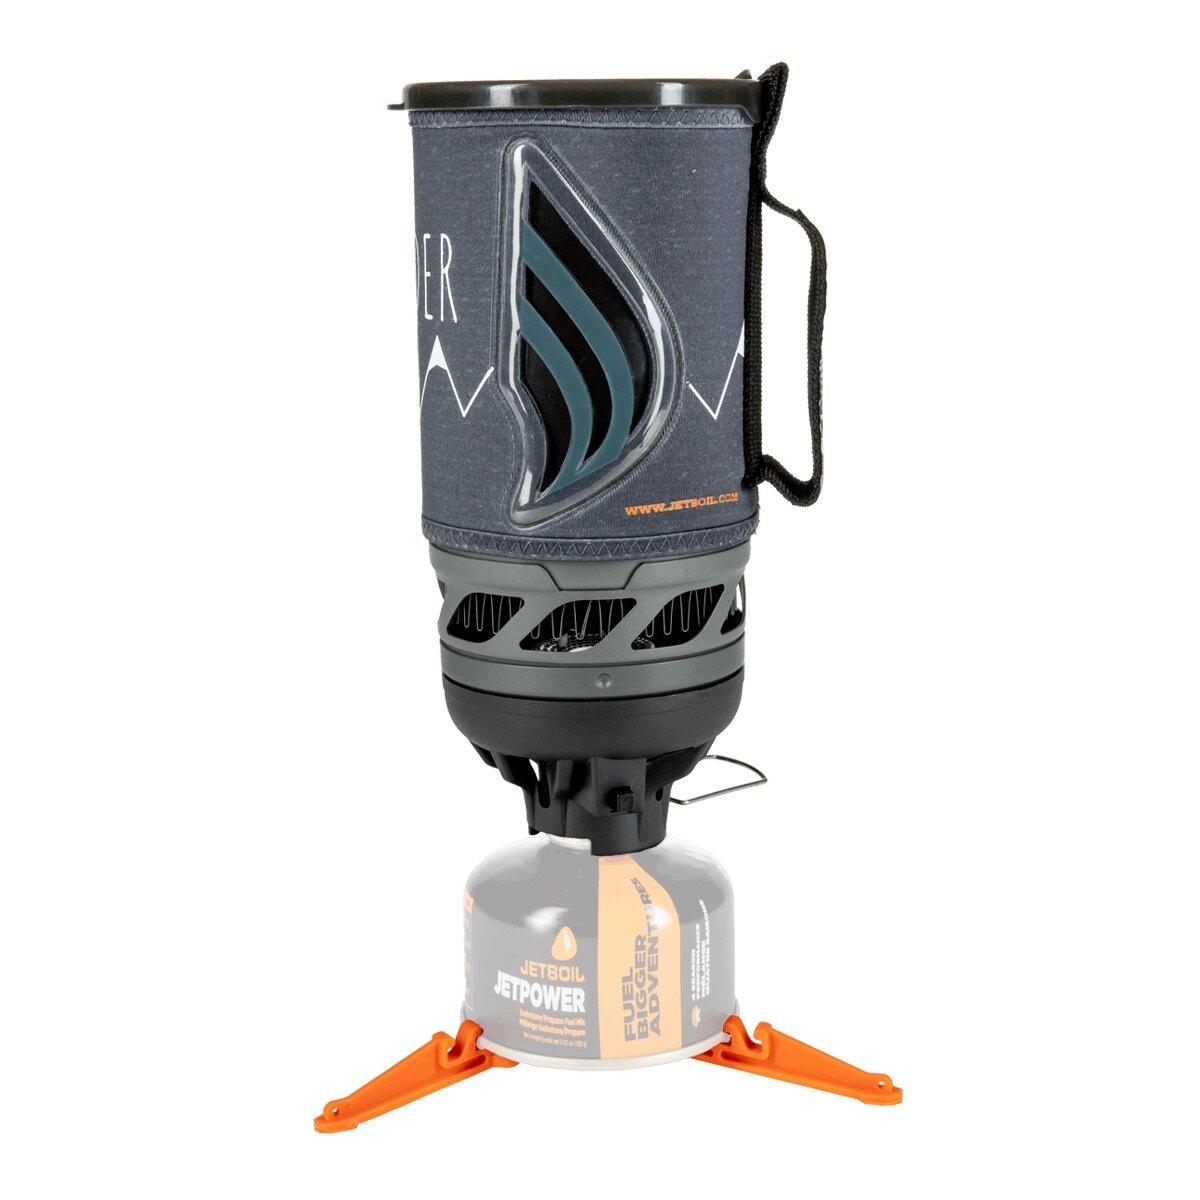 Plynový vařič Flash JETBOIL® - Wildnerness (Farba: Sivá, Varianta: Wildnerness)